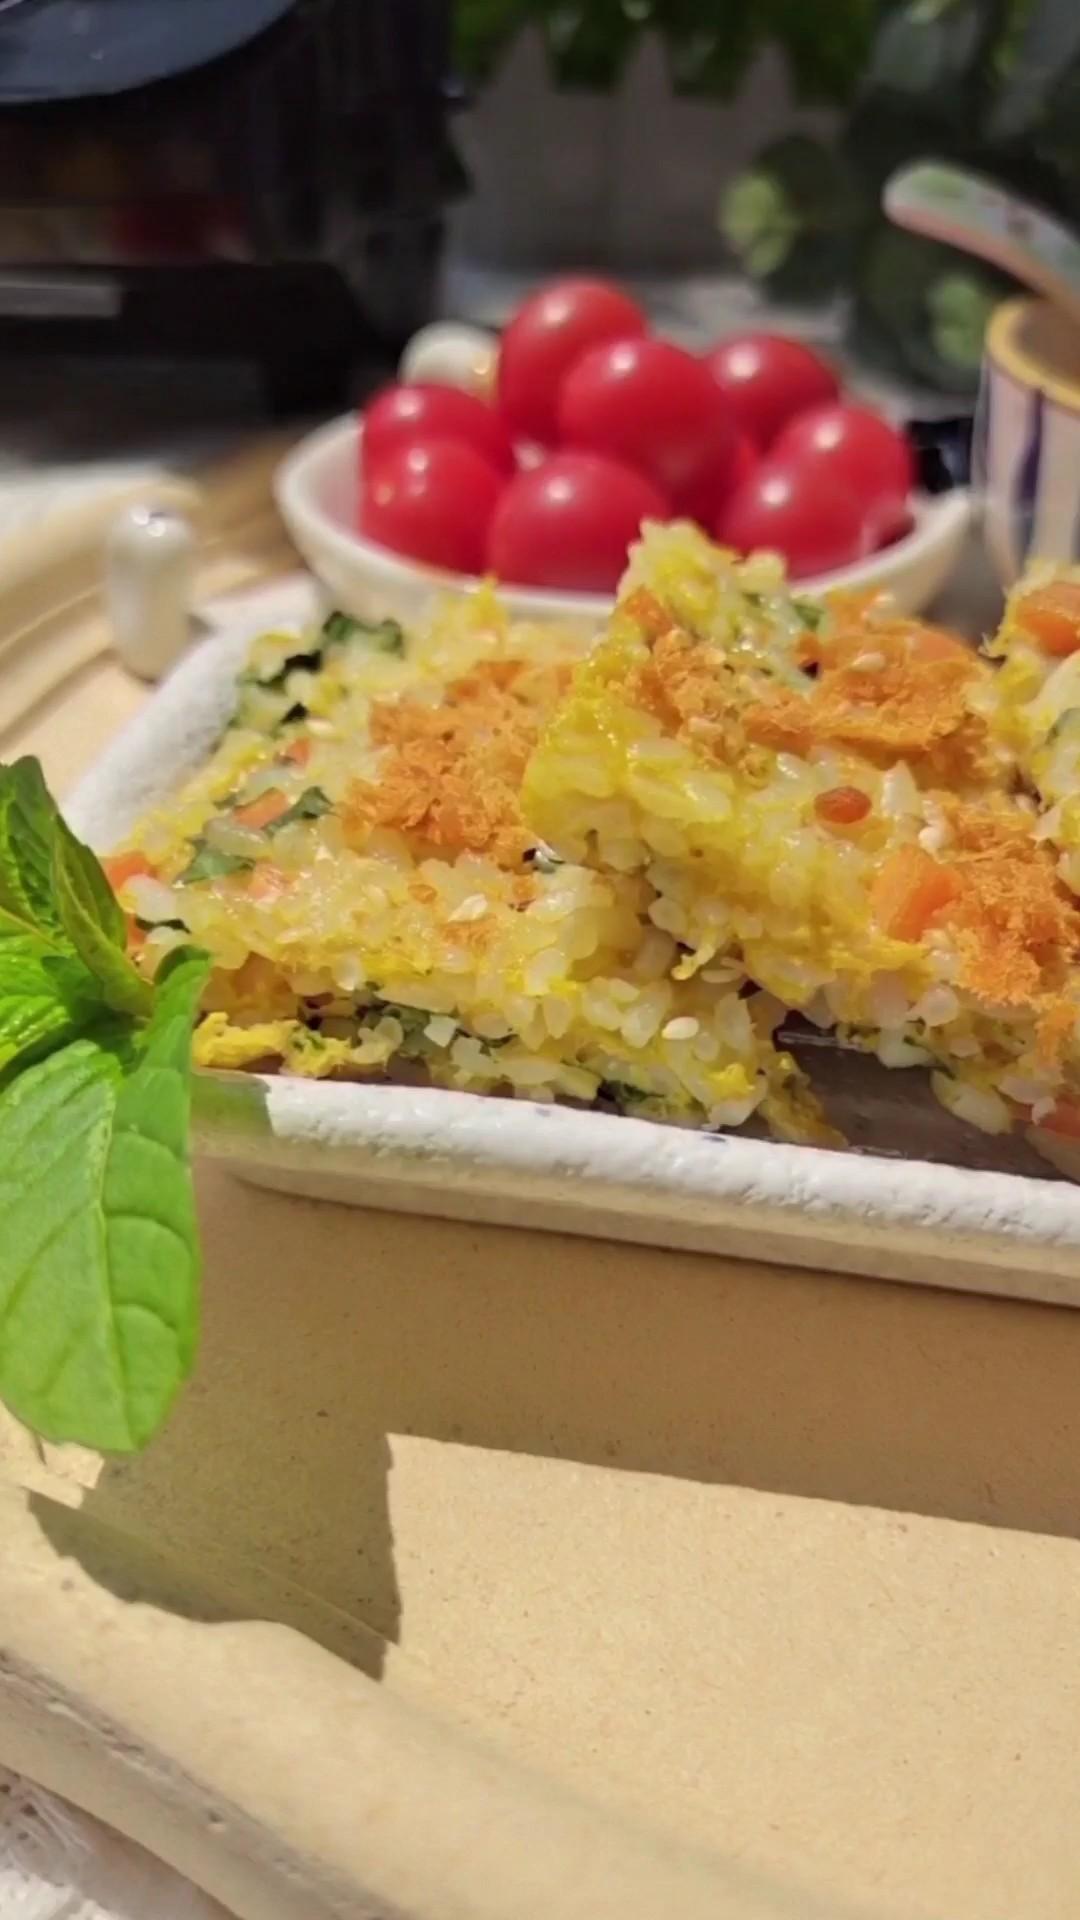 剩米饭的华丽吃法…薄荷鸡蛋米饭饼的做法